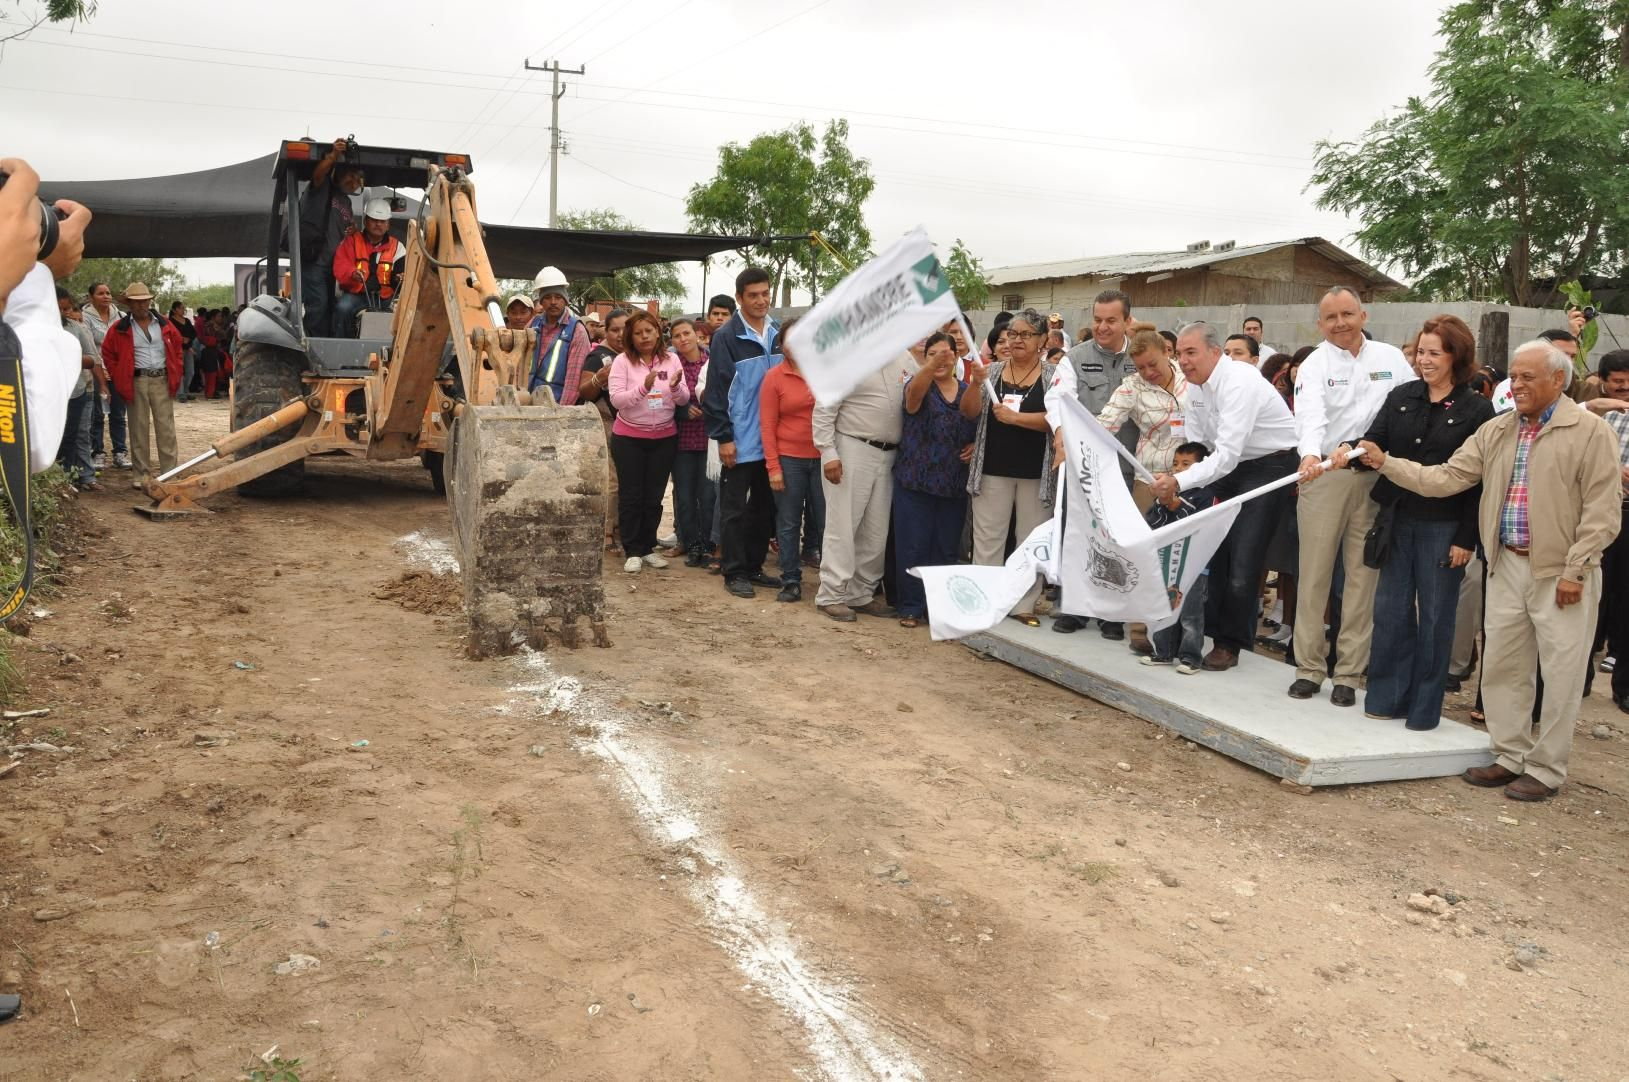 La colonia Unidad y Esfuerzo contará con red de agua potable y estación de bombeo.